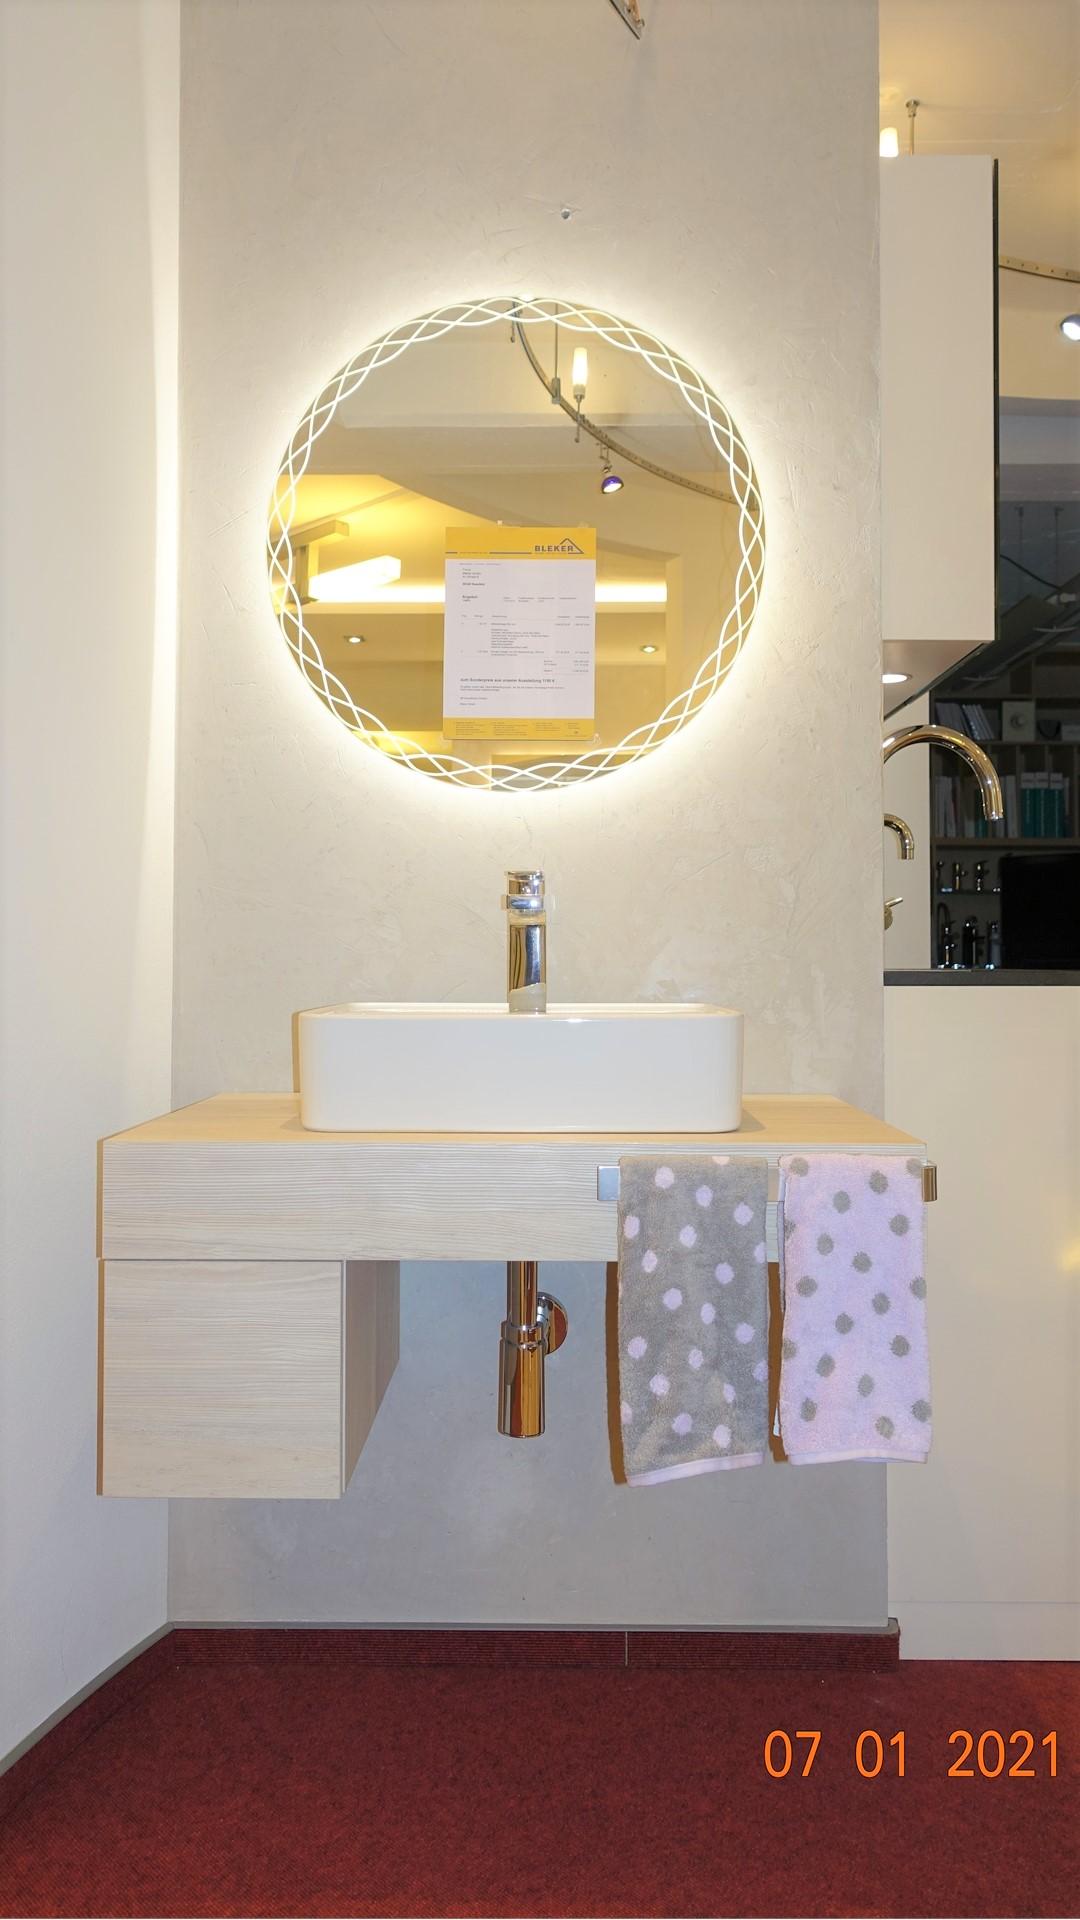 Schöne Möbelanlage in Pinie mit rundem Spiegel